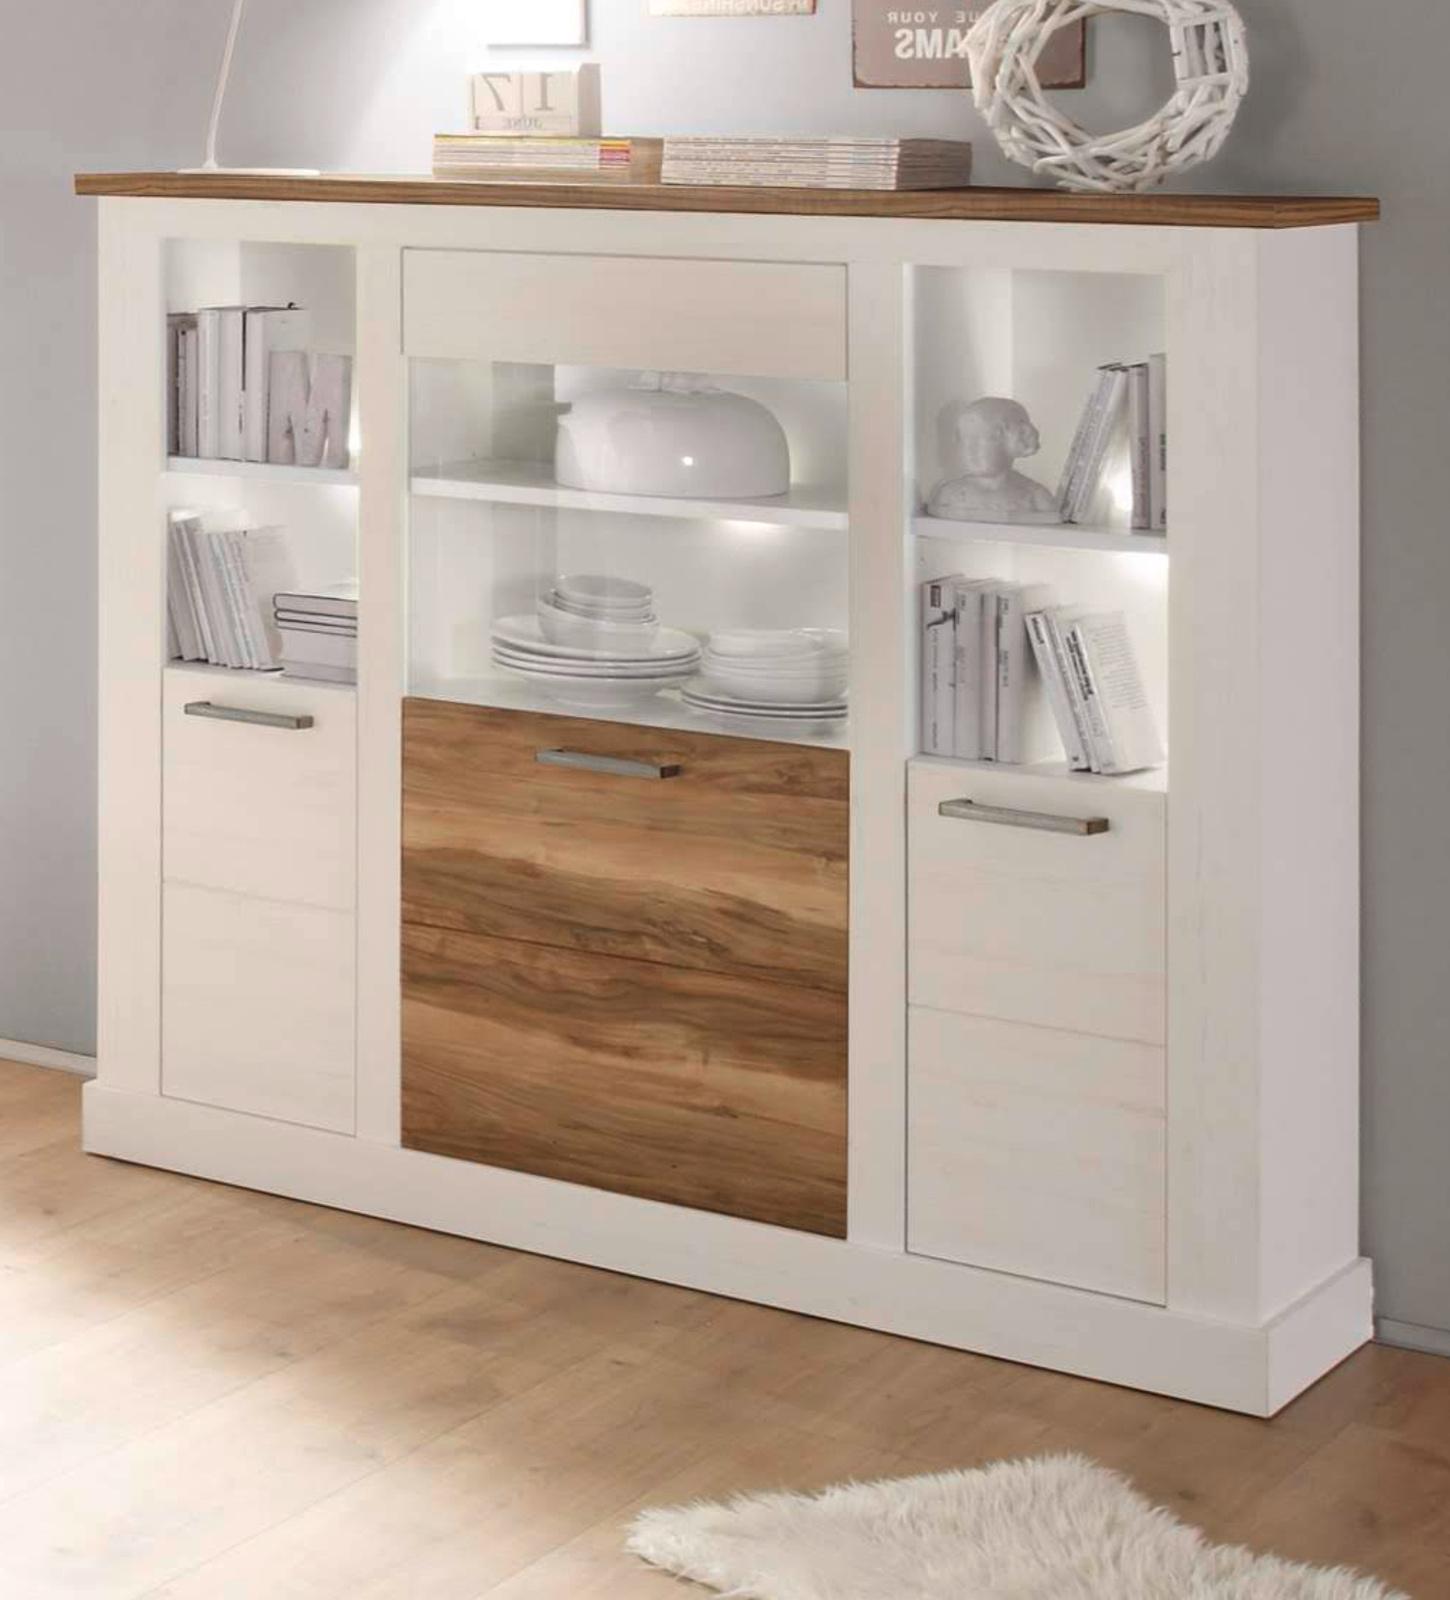 Doppelbett weiß  Nauhuri.com | Doppelbett Weiß Hochglanz ~ Neuesten Design ...